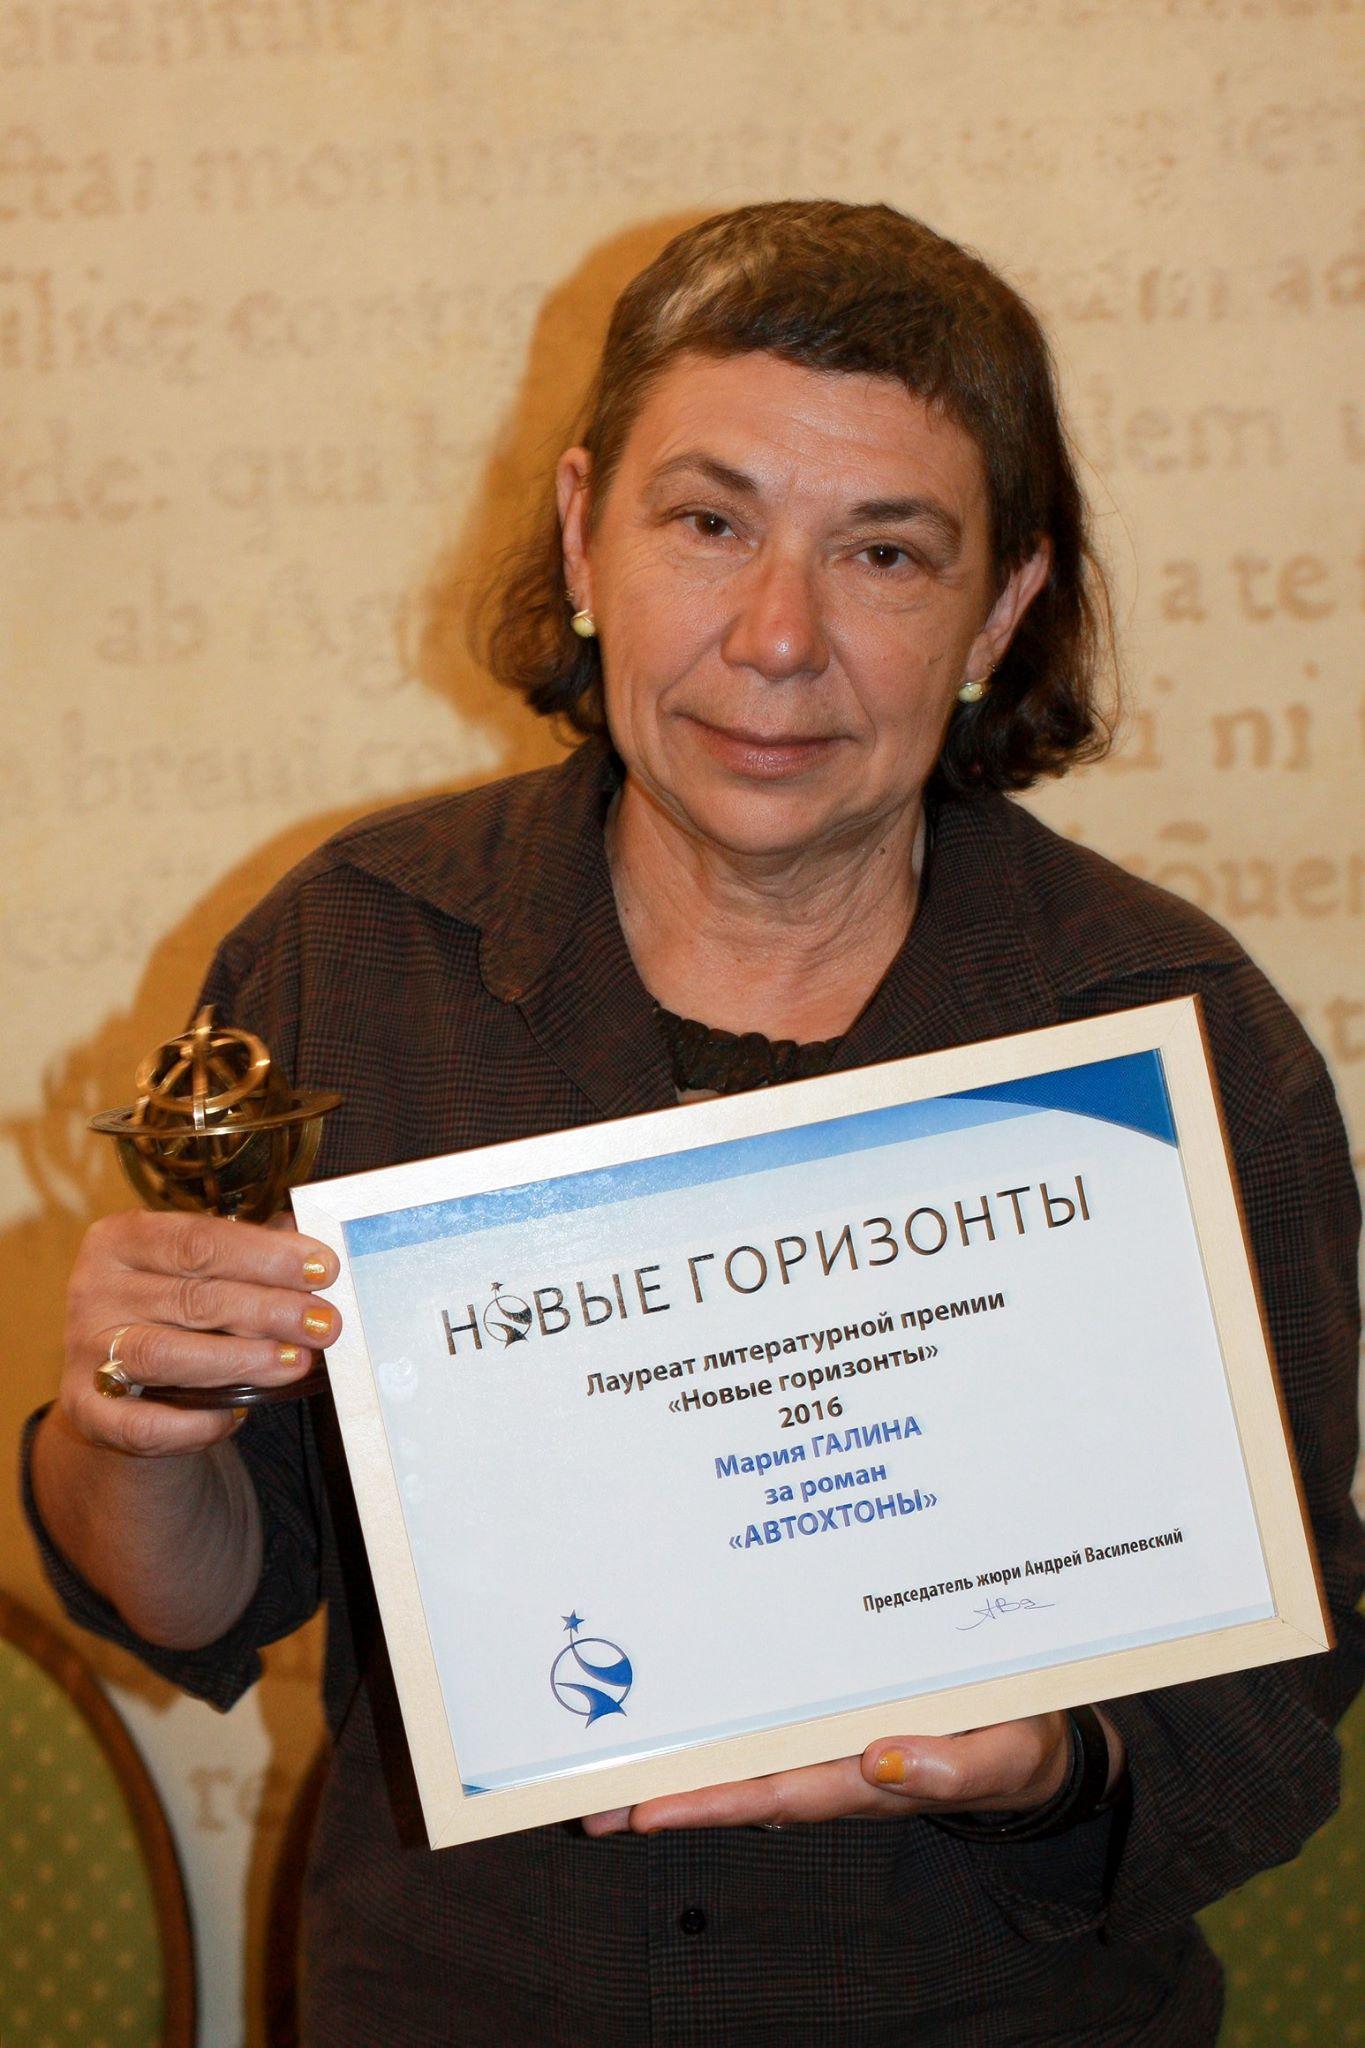 Роман Марии Галиной «Автохтоны» получил премию «Новые горизонты»